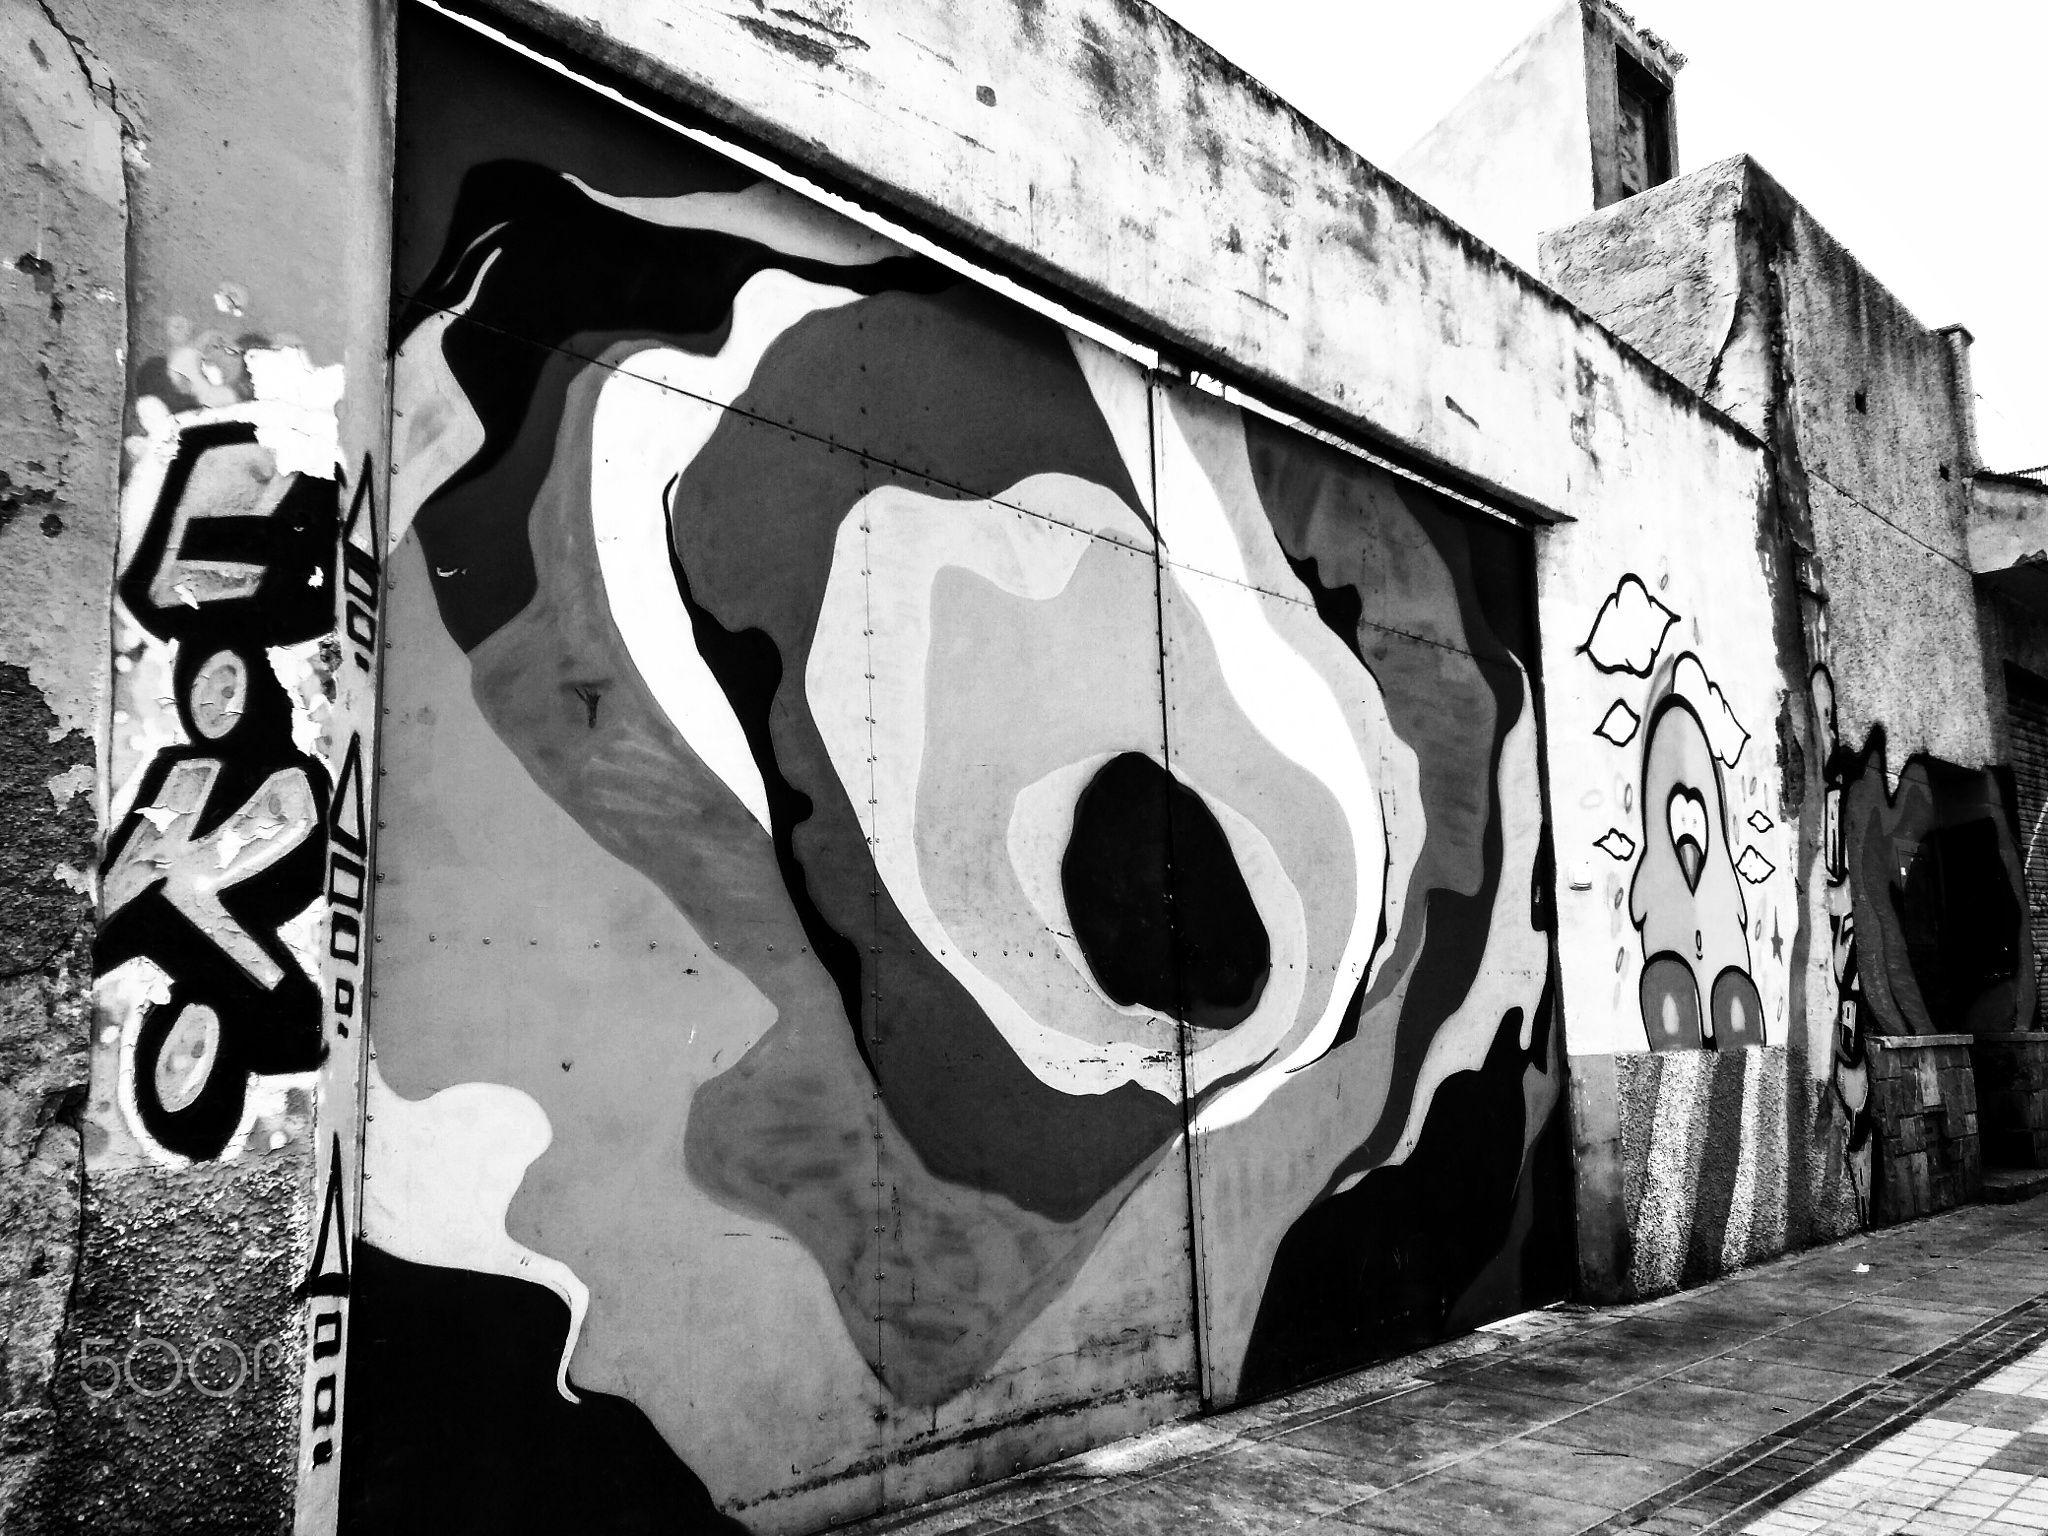 AG119_SpraycanAlley1.jpg - Spraycan alley 1 - alleyway in Cartagena filled with #graffitiart & #Streetart